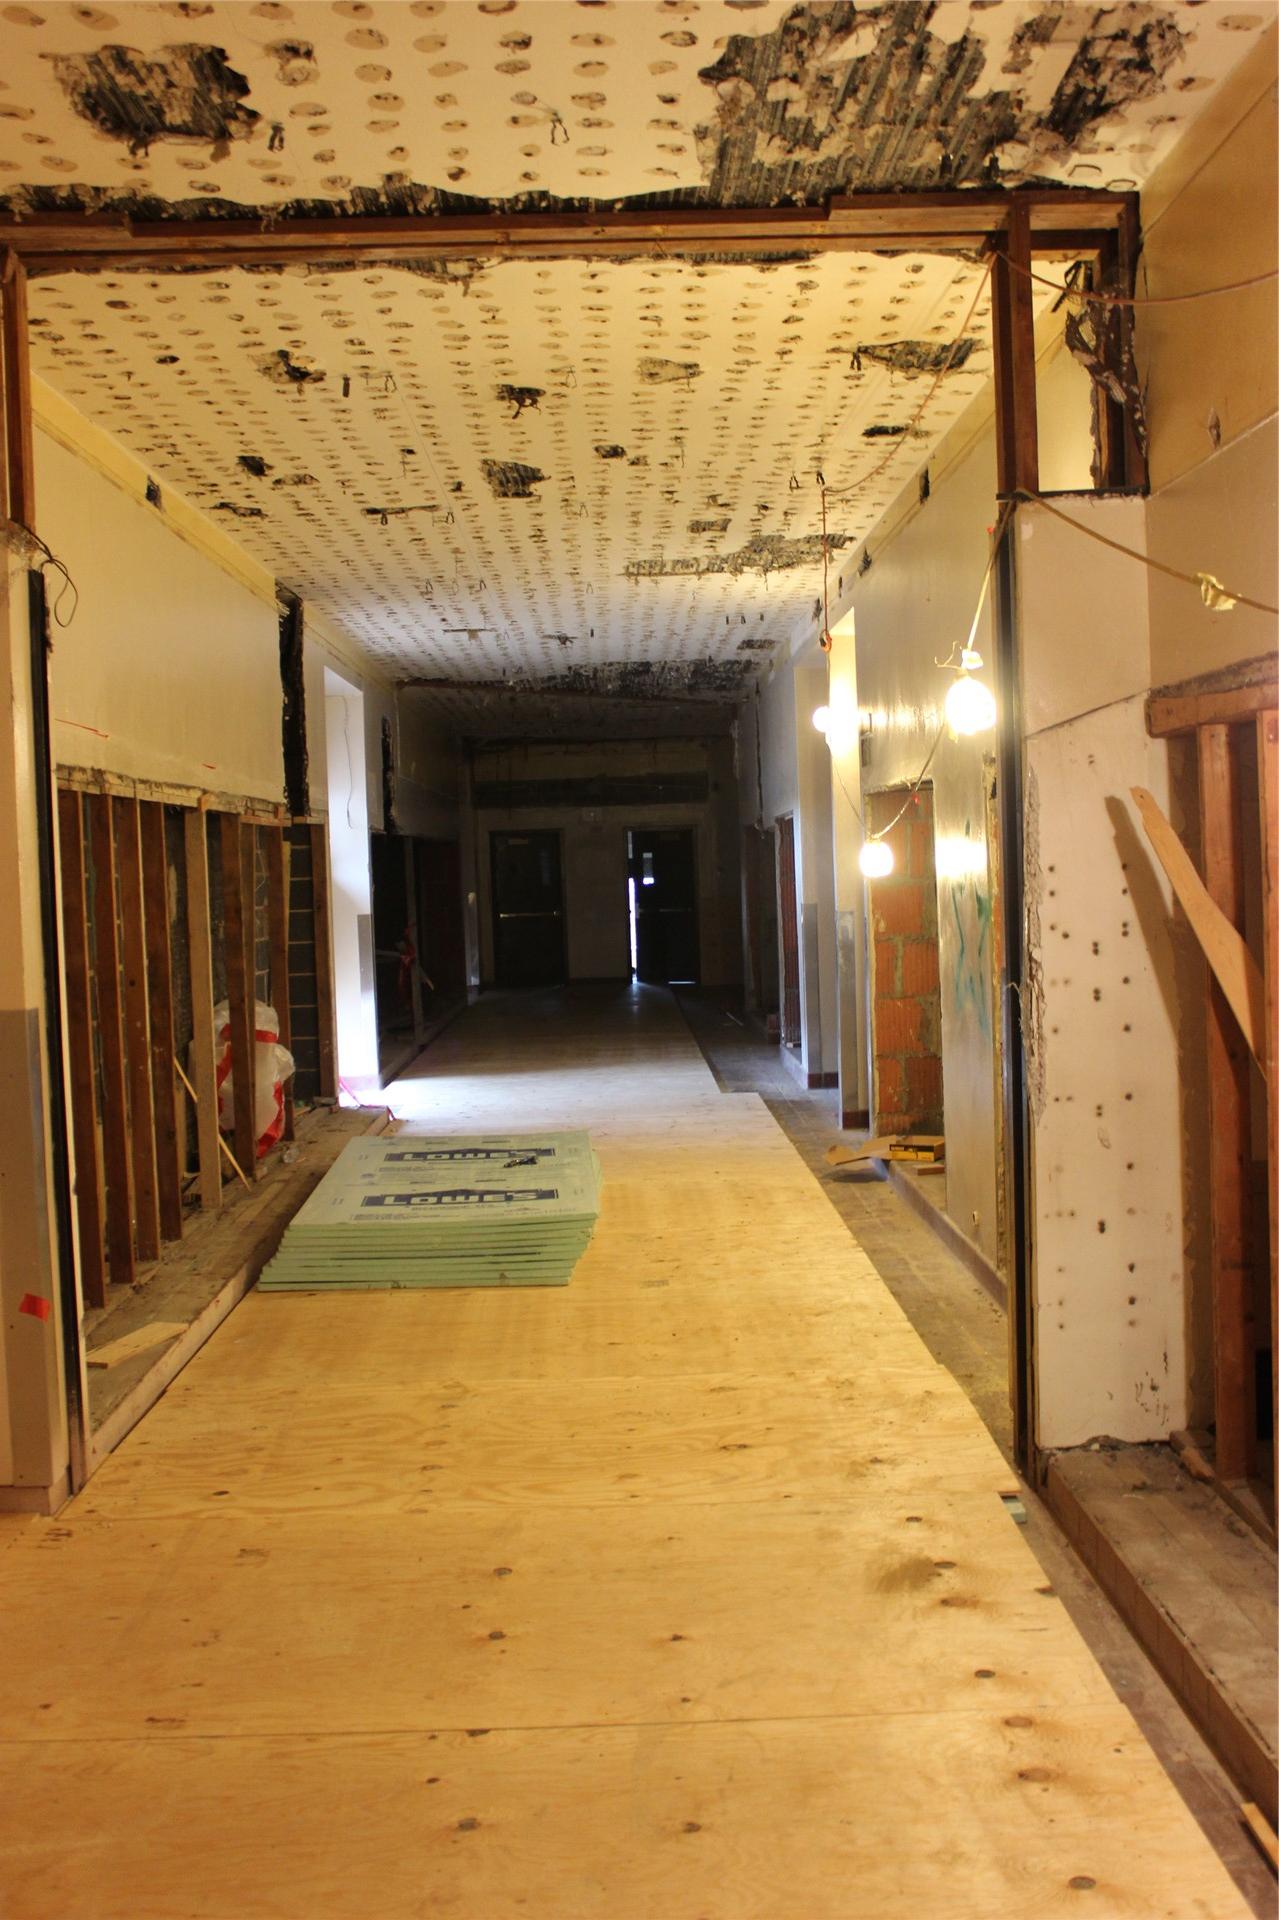 Second floor, looking west.